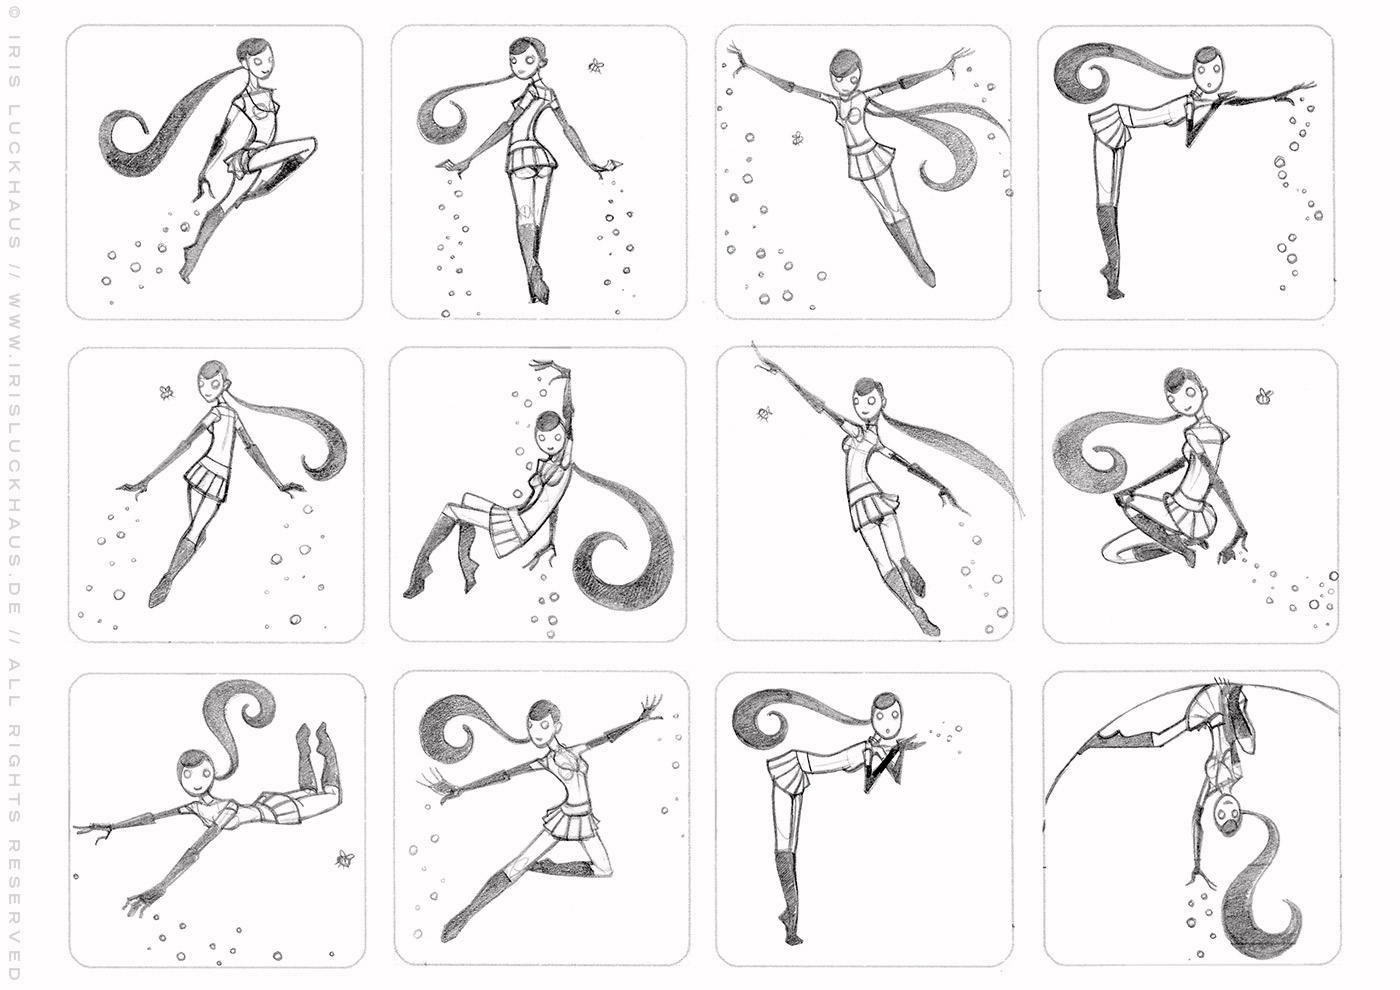 Character Design Scribbles mit Posen für ein fliegendes Pinup Mädchen als Superheldin oder Supergirl Sixgirl für SIX Accessories